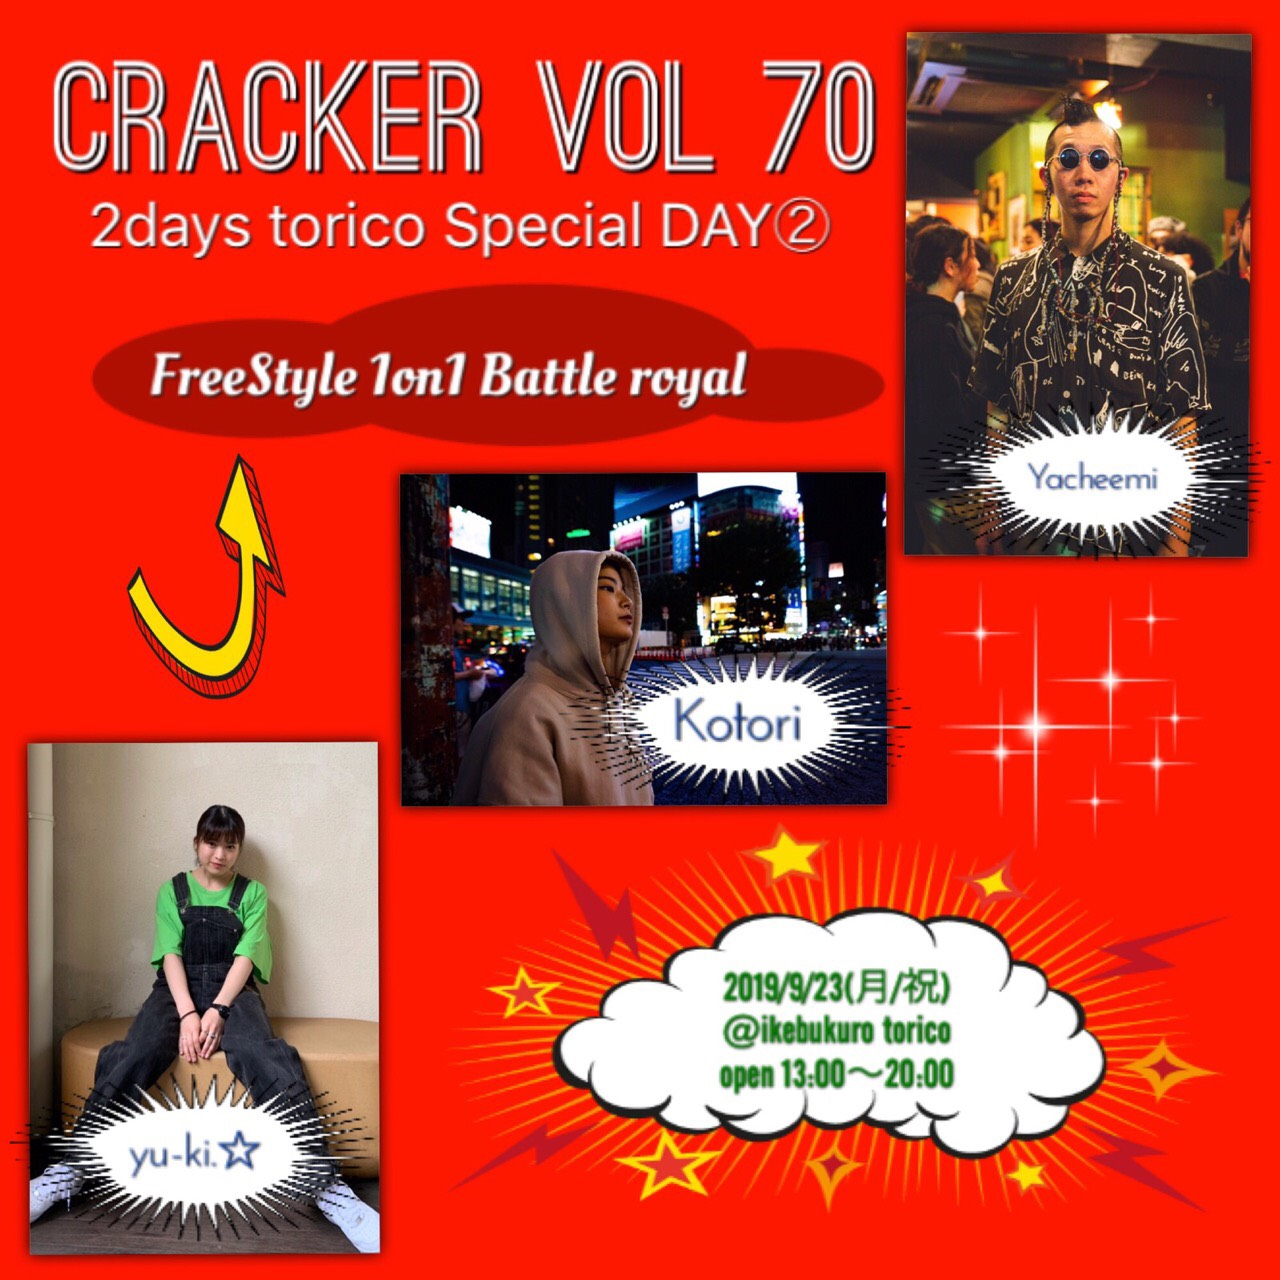 Cracker vol 70